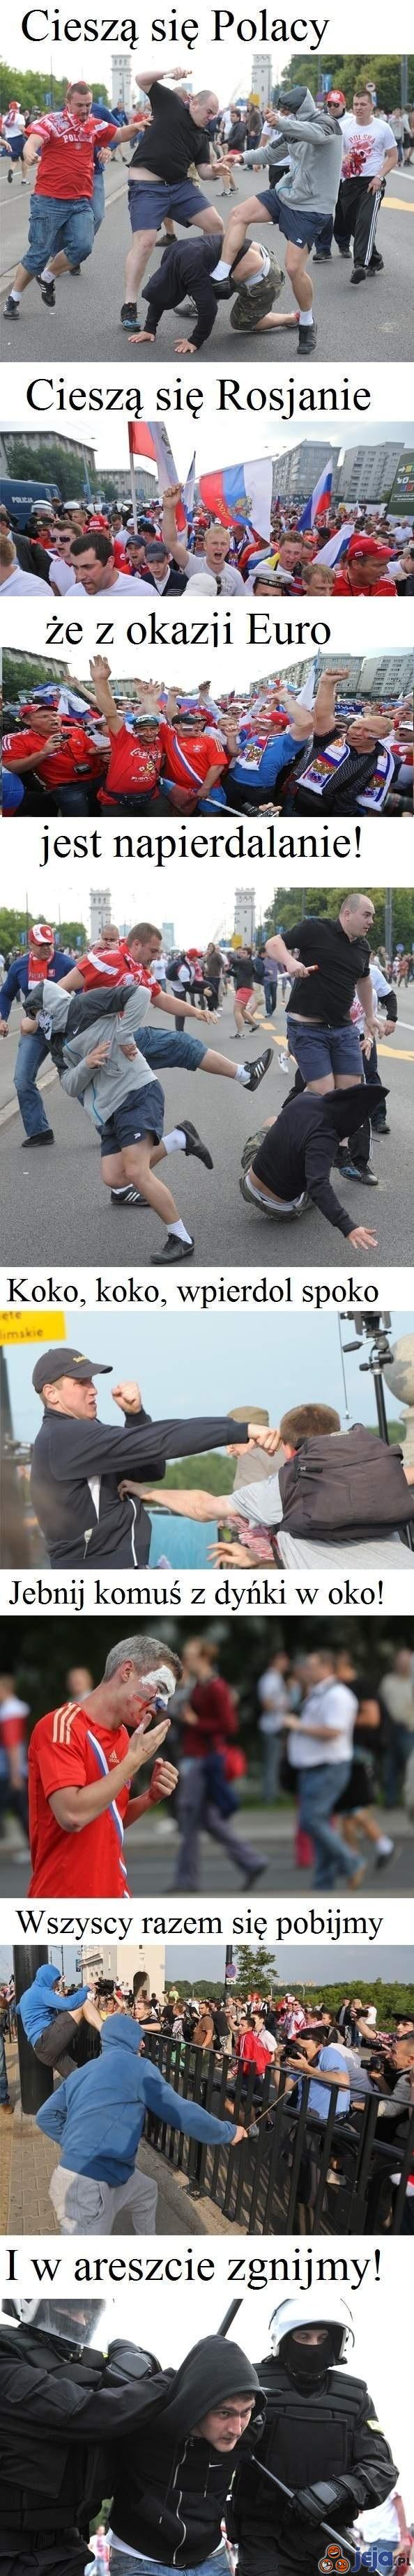 """""""Koko koko"""" najnowsza wersja"""